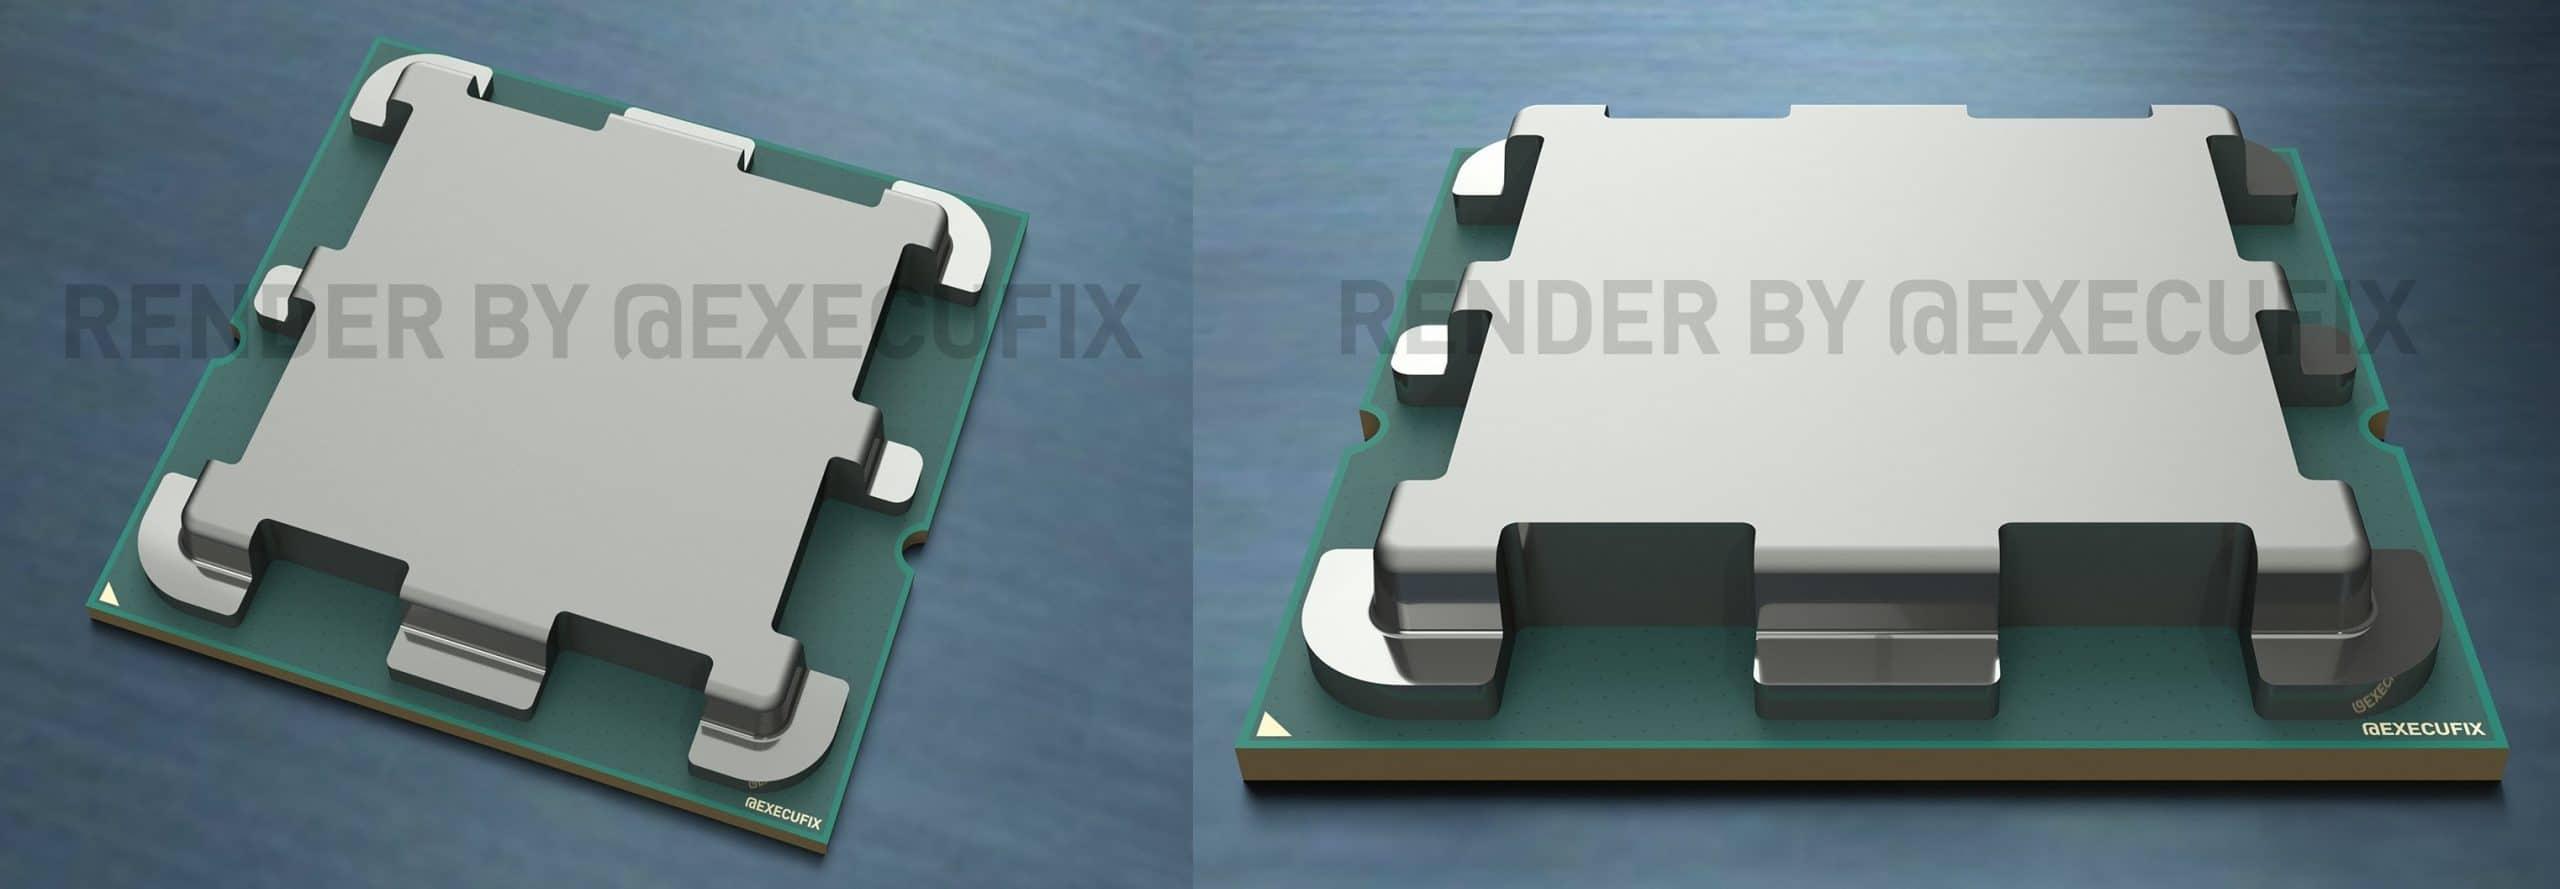 AMD-Ryzen-7000-AM5-Zen4-scaled